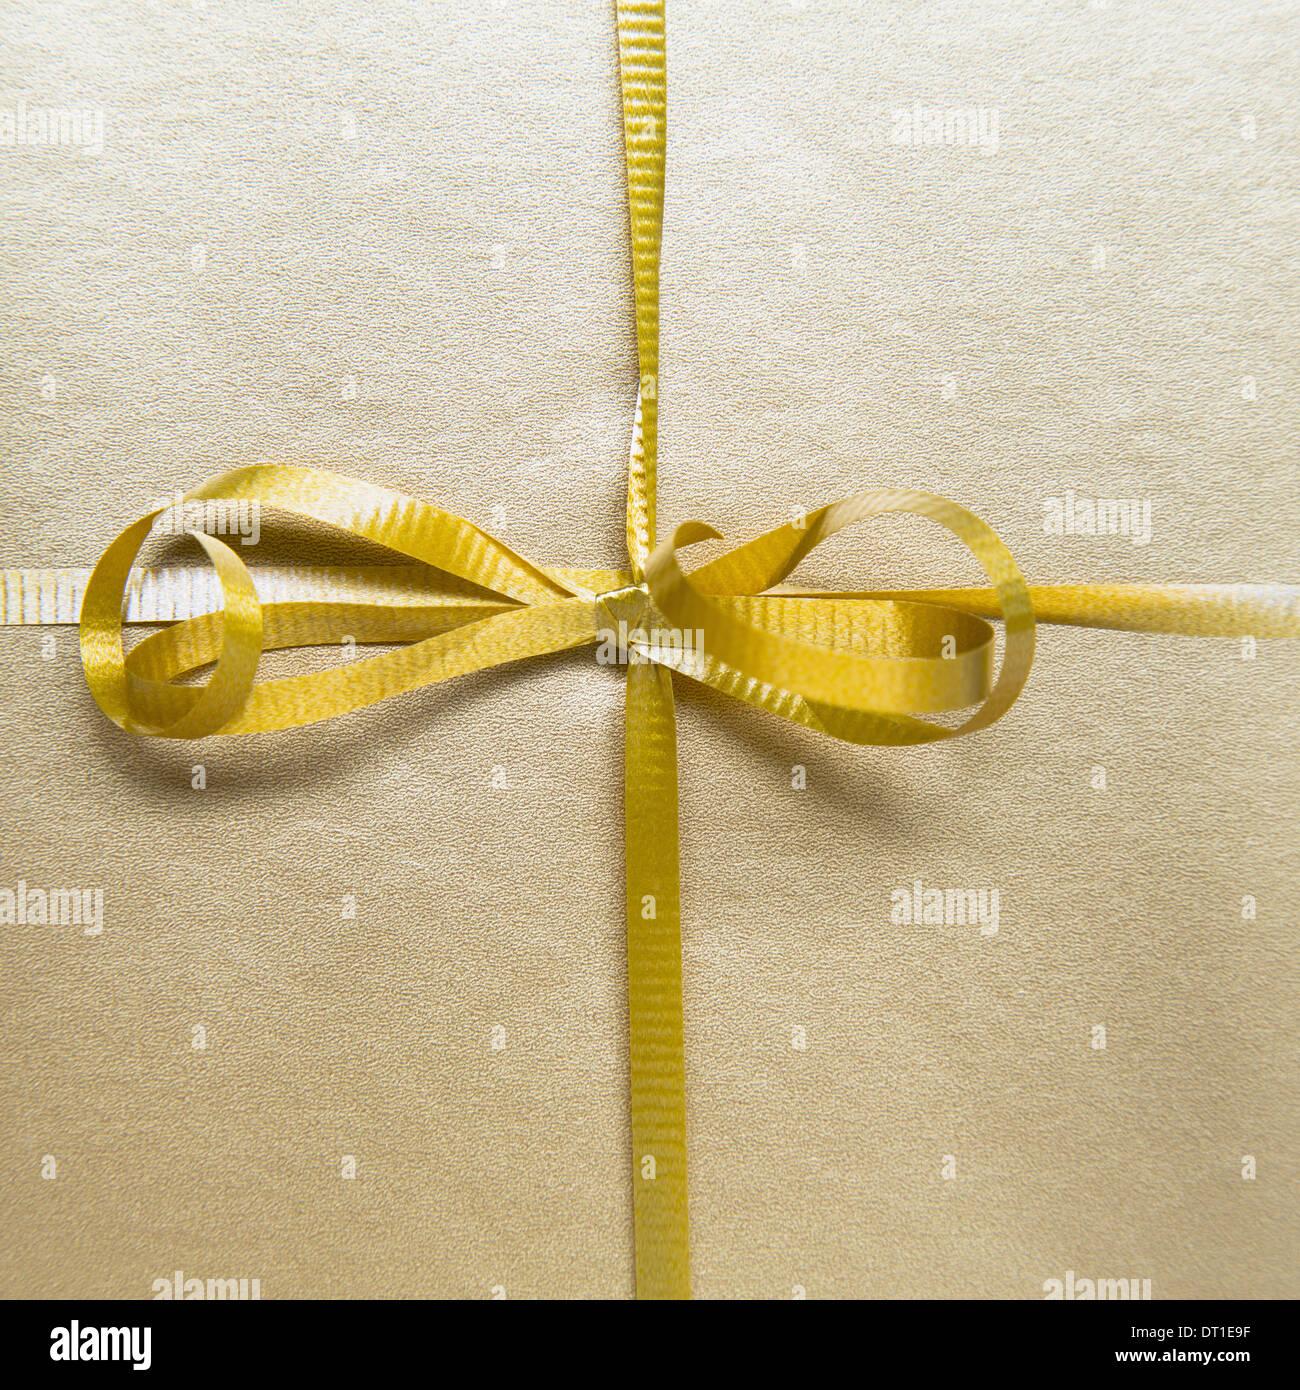 Legata a prua e nastro color oro dal dono avvolto Immagini Stock